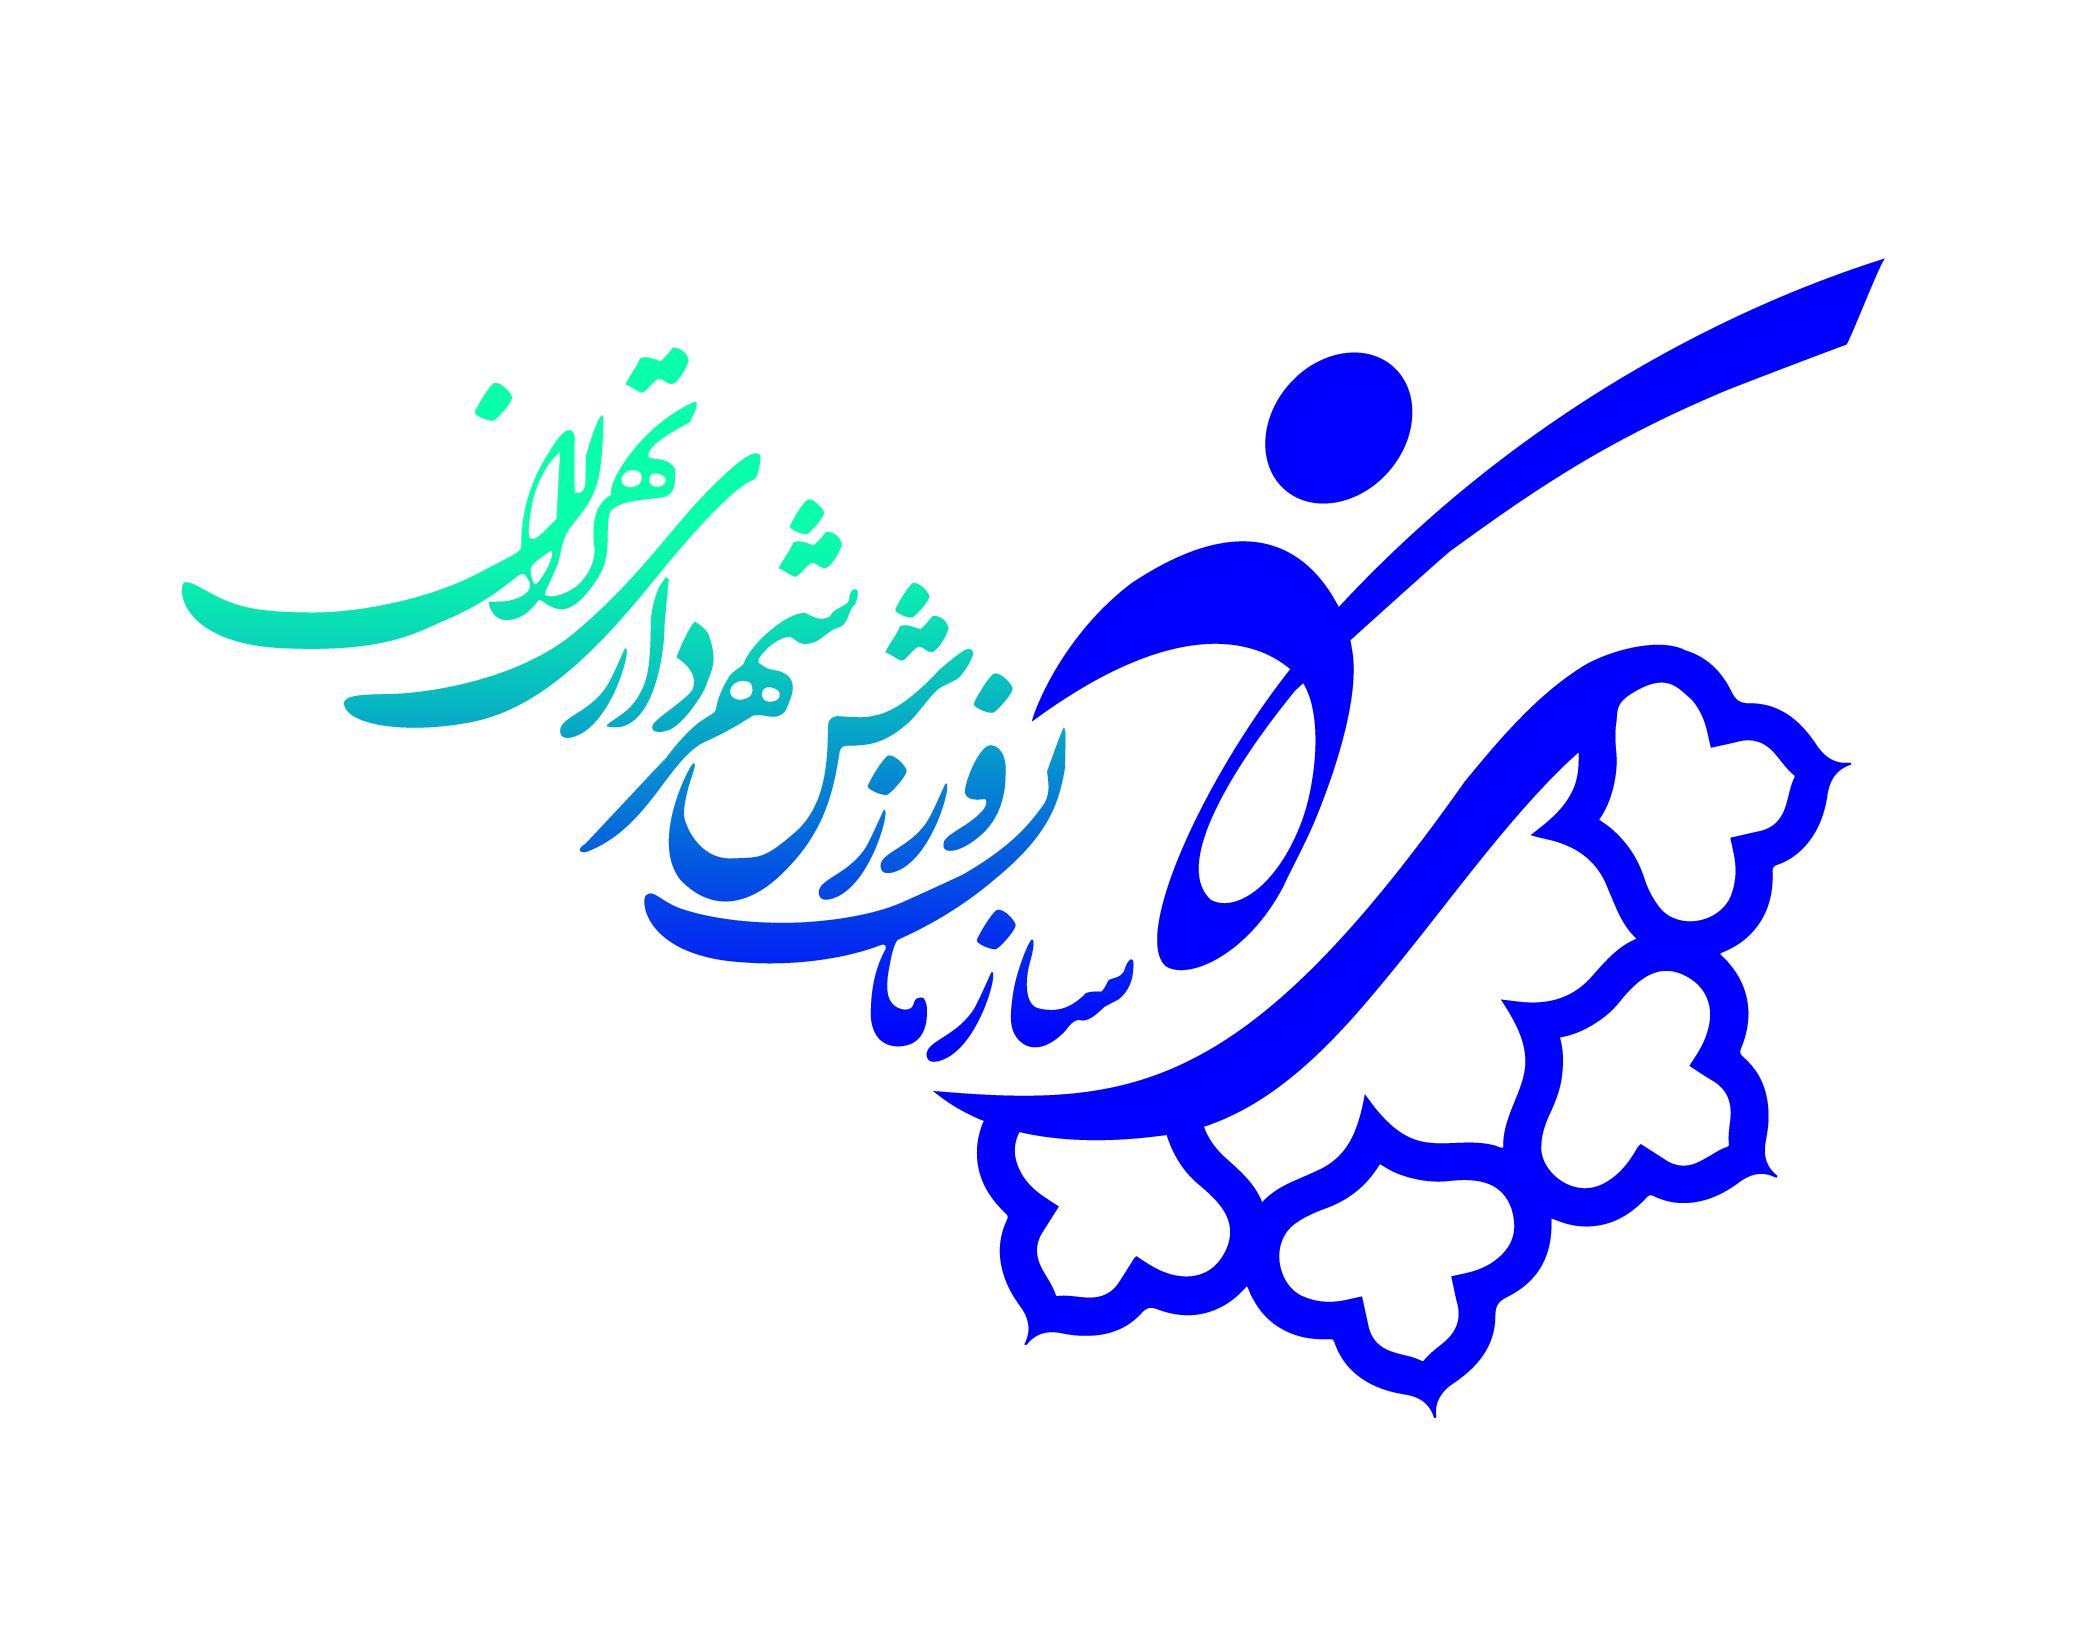 بی توجهی سازمان ورزش شهرداری به ایام الله دهه مبارک فجر